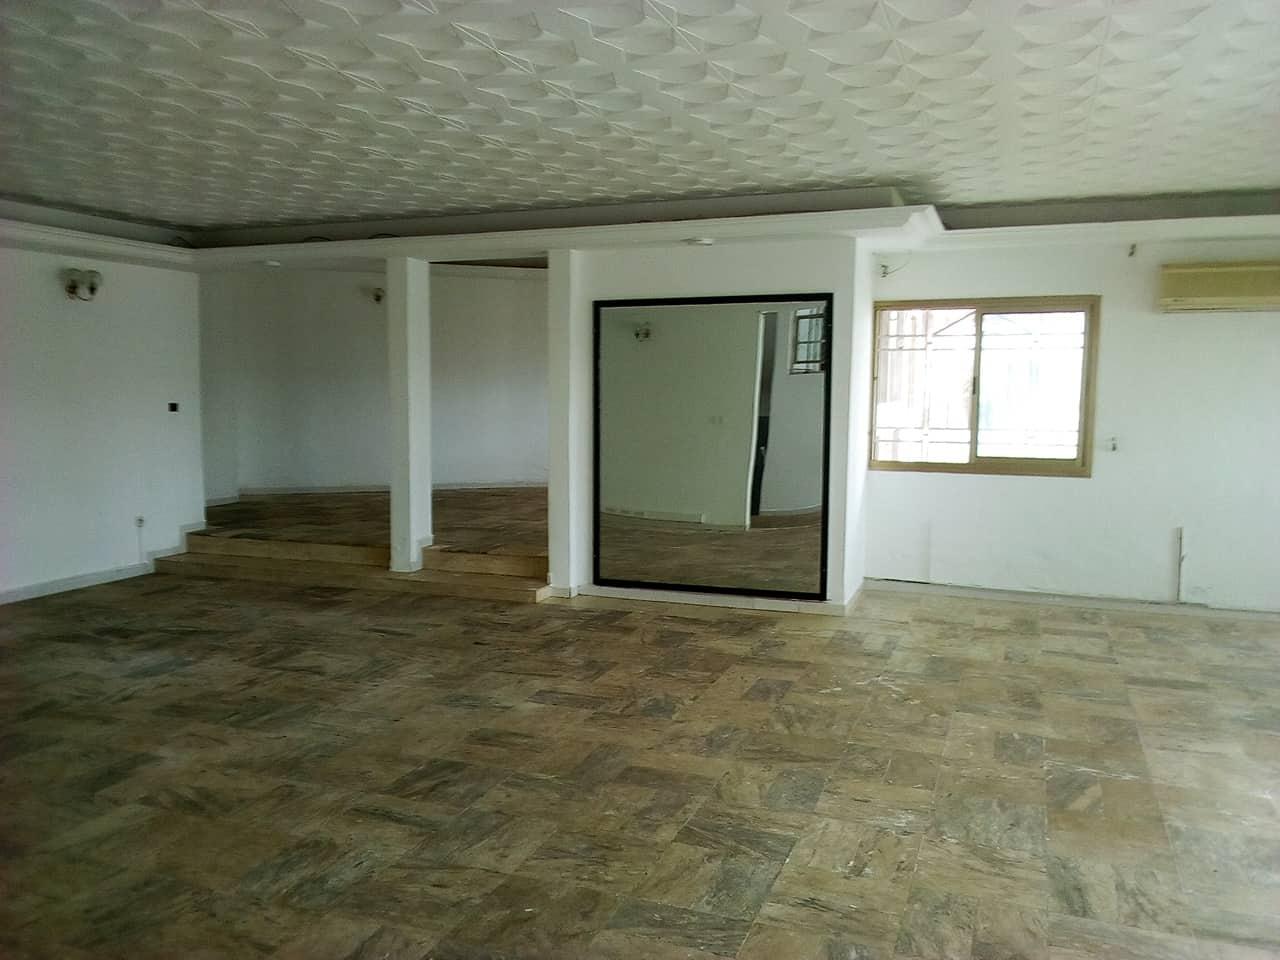 Appartement à louer - Yaoundé, Bastos, pas loin de lonel - 1 salon(s), 6 chambre(s), 5 salle(s) de bains - 1 800 000 FCFA / mois